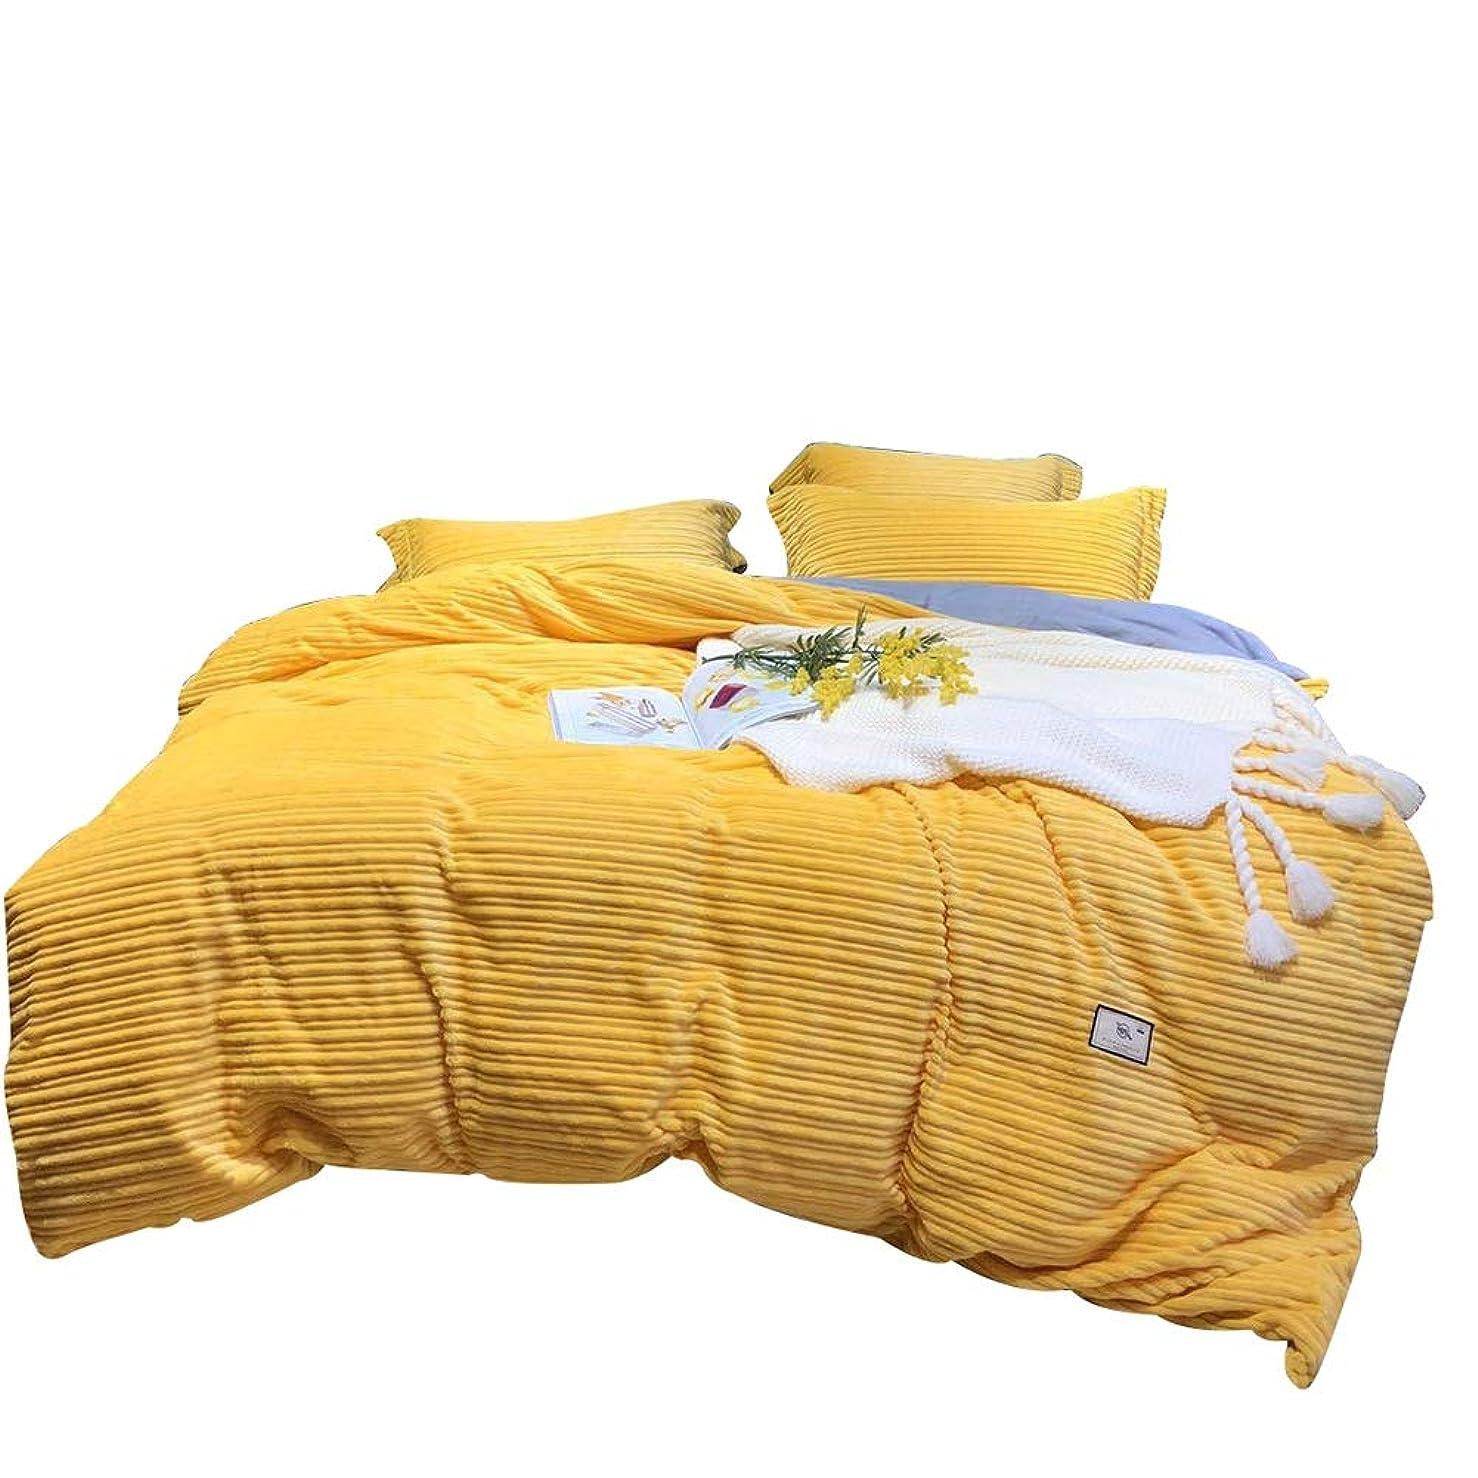 パキスタン人思想ピクニックをする布団カバー寝具セット200 x 230 cm無地100%起毛超柔らかいマイクロファイバー、2枕カバーシーツ寝室の寝具 (色 : イエロー いえろ゜, サイズ さいず : ダブル)